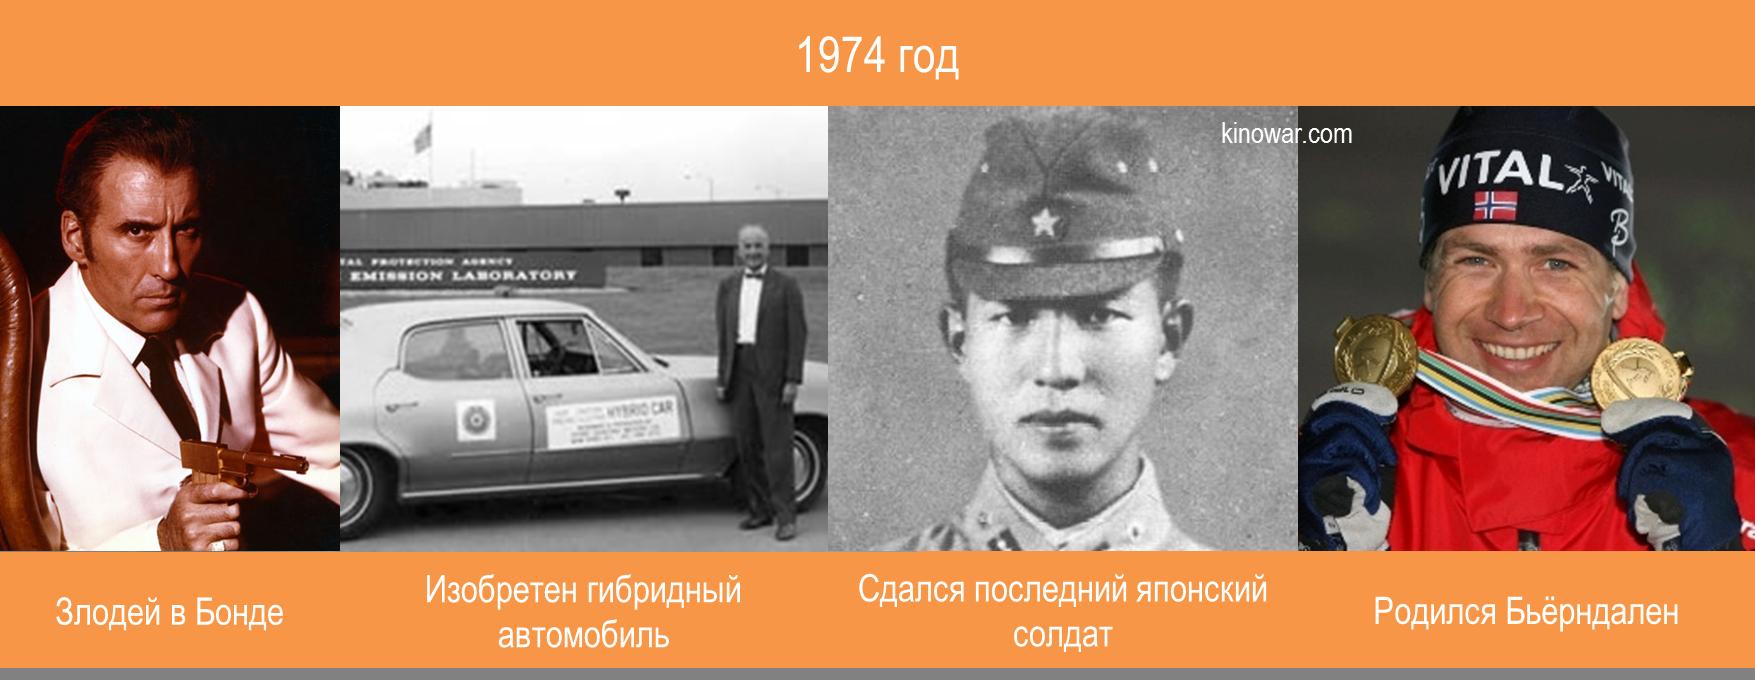 Жизнь и карьера Кристофера Ли 1974 год